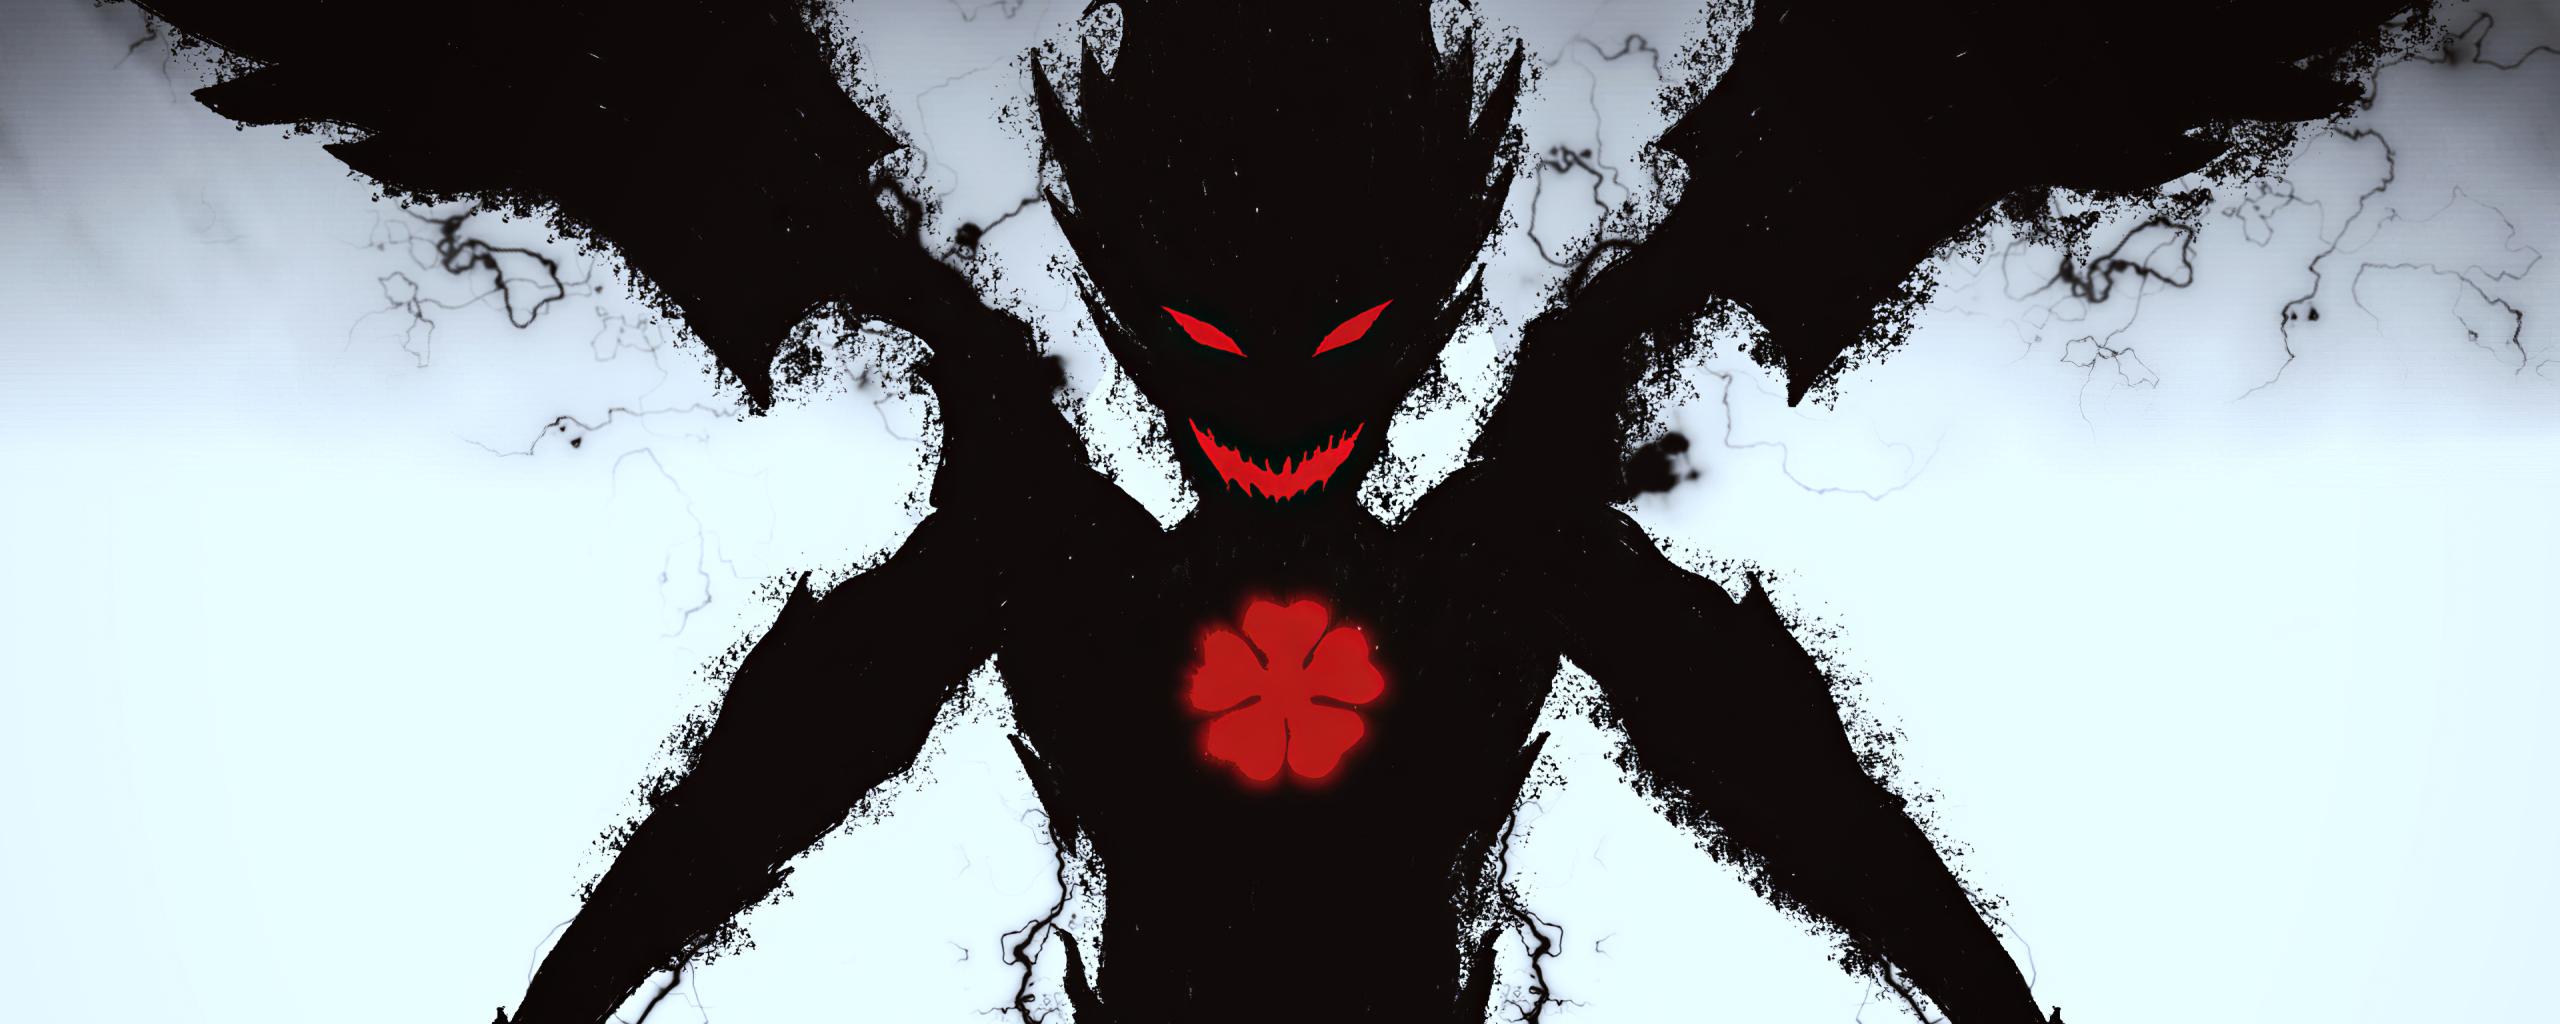 2560x1024 Demon Black Clover 2560x1024 Resolution ...